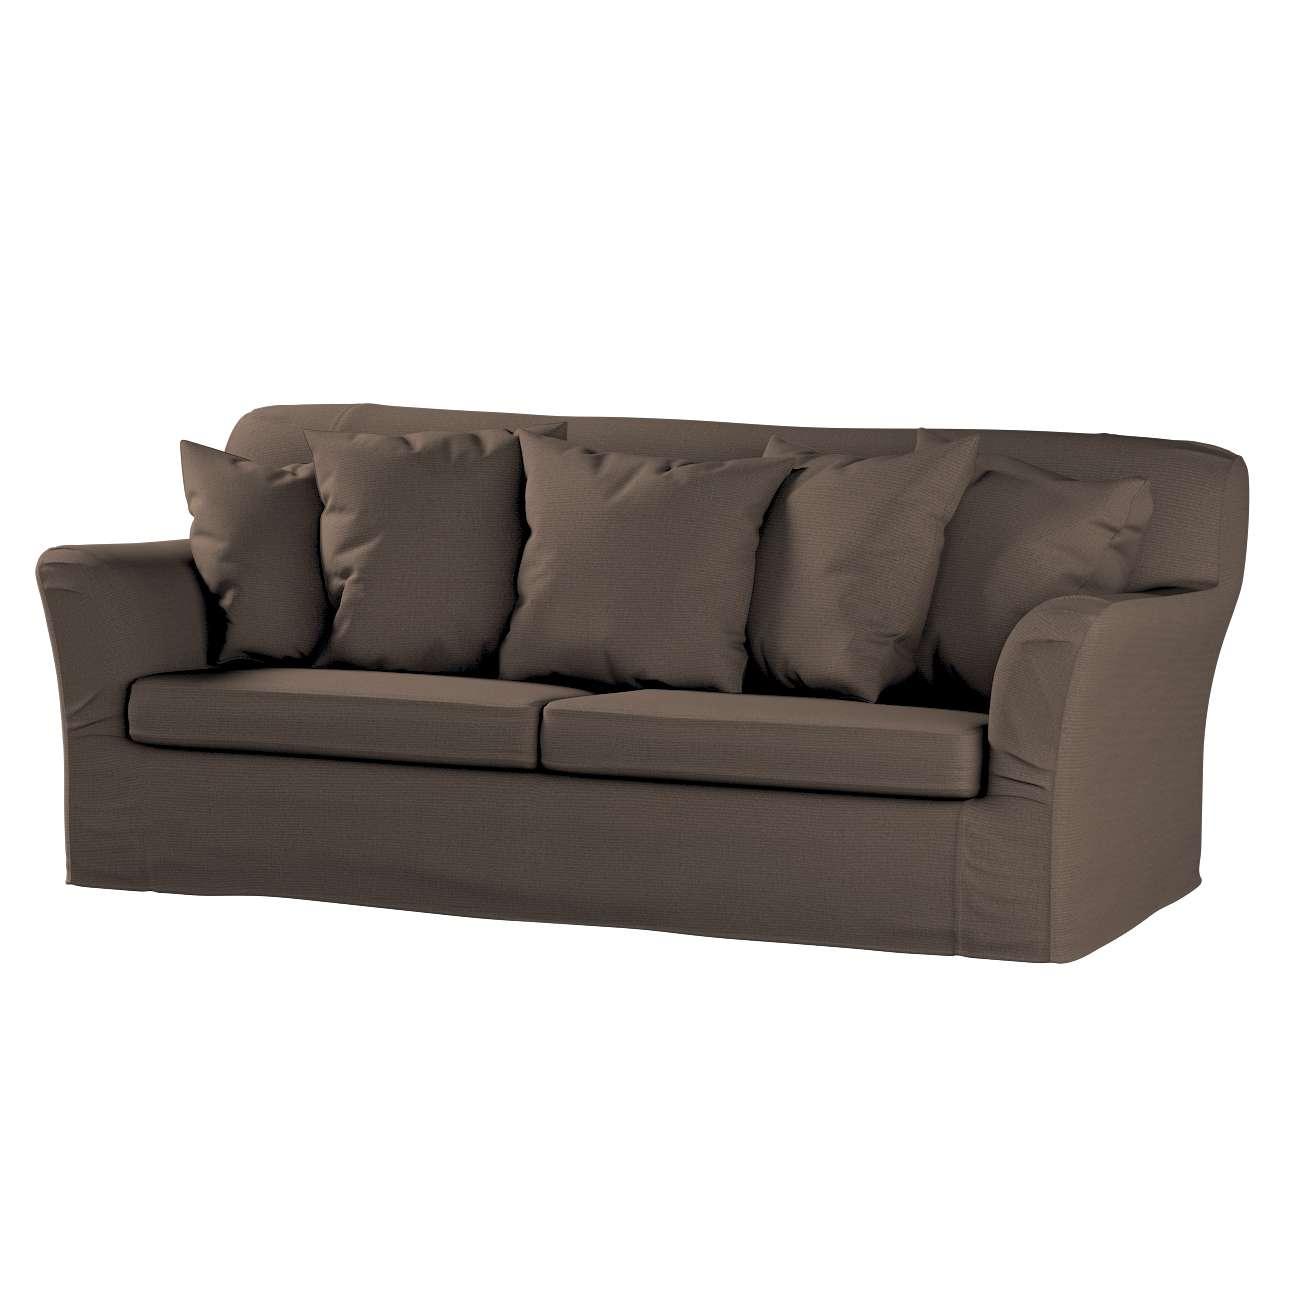 Pokrowiec na sofę Tomelilla 3-osobową rozkładaną w kolekcji Etna, tkanina: 705-08